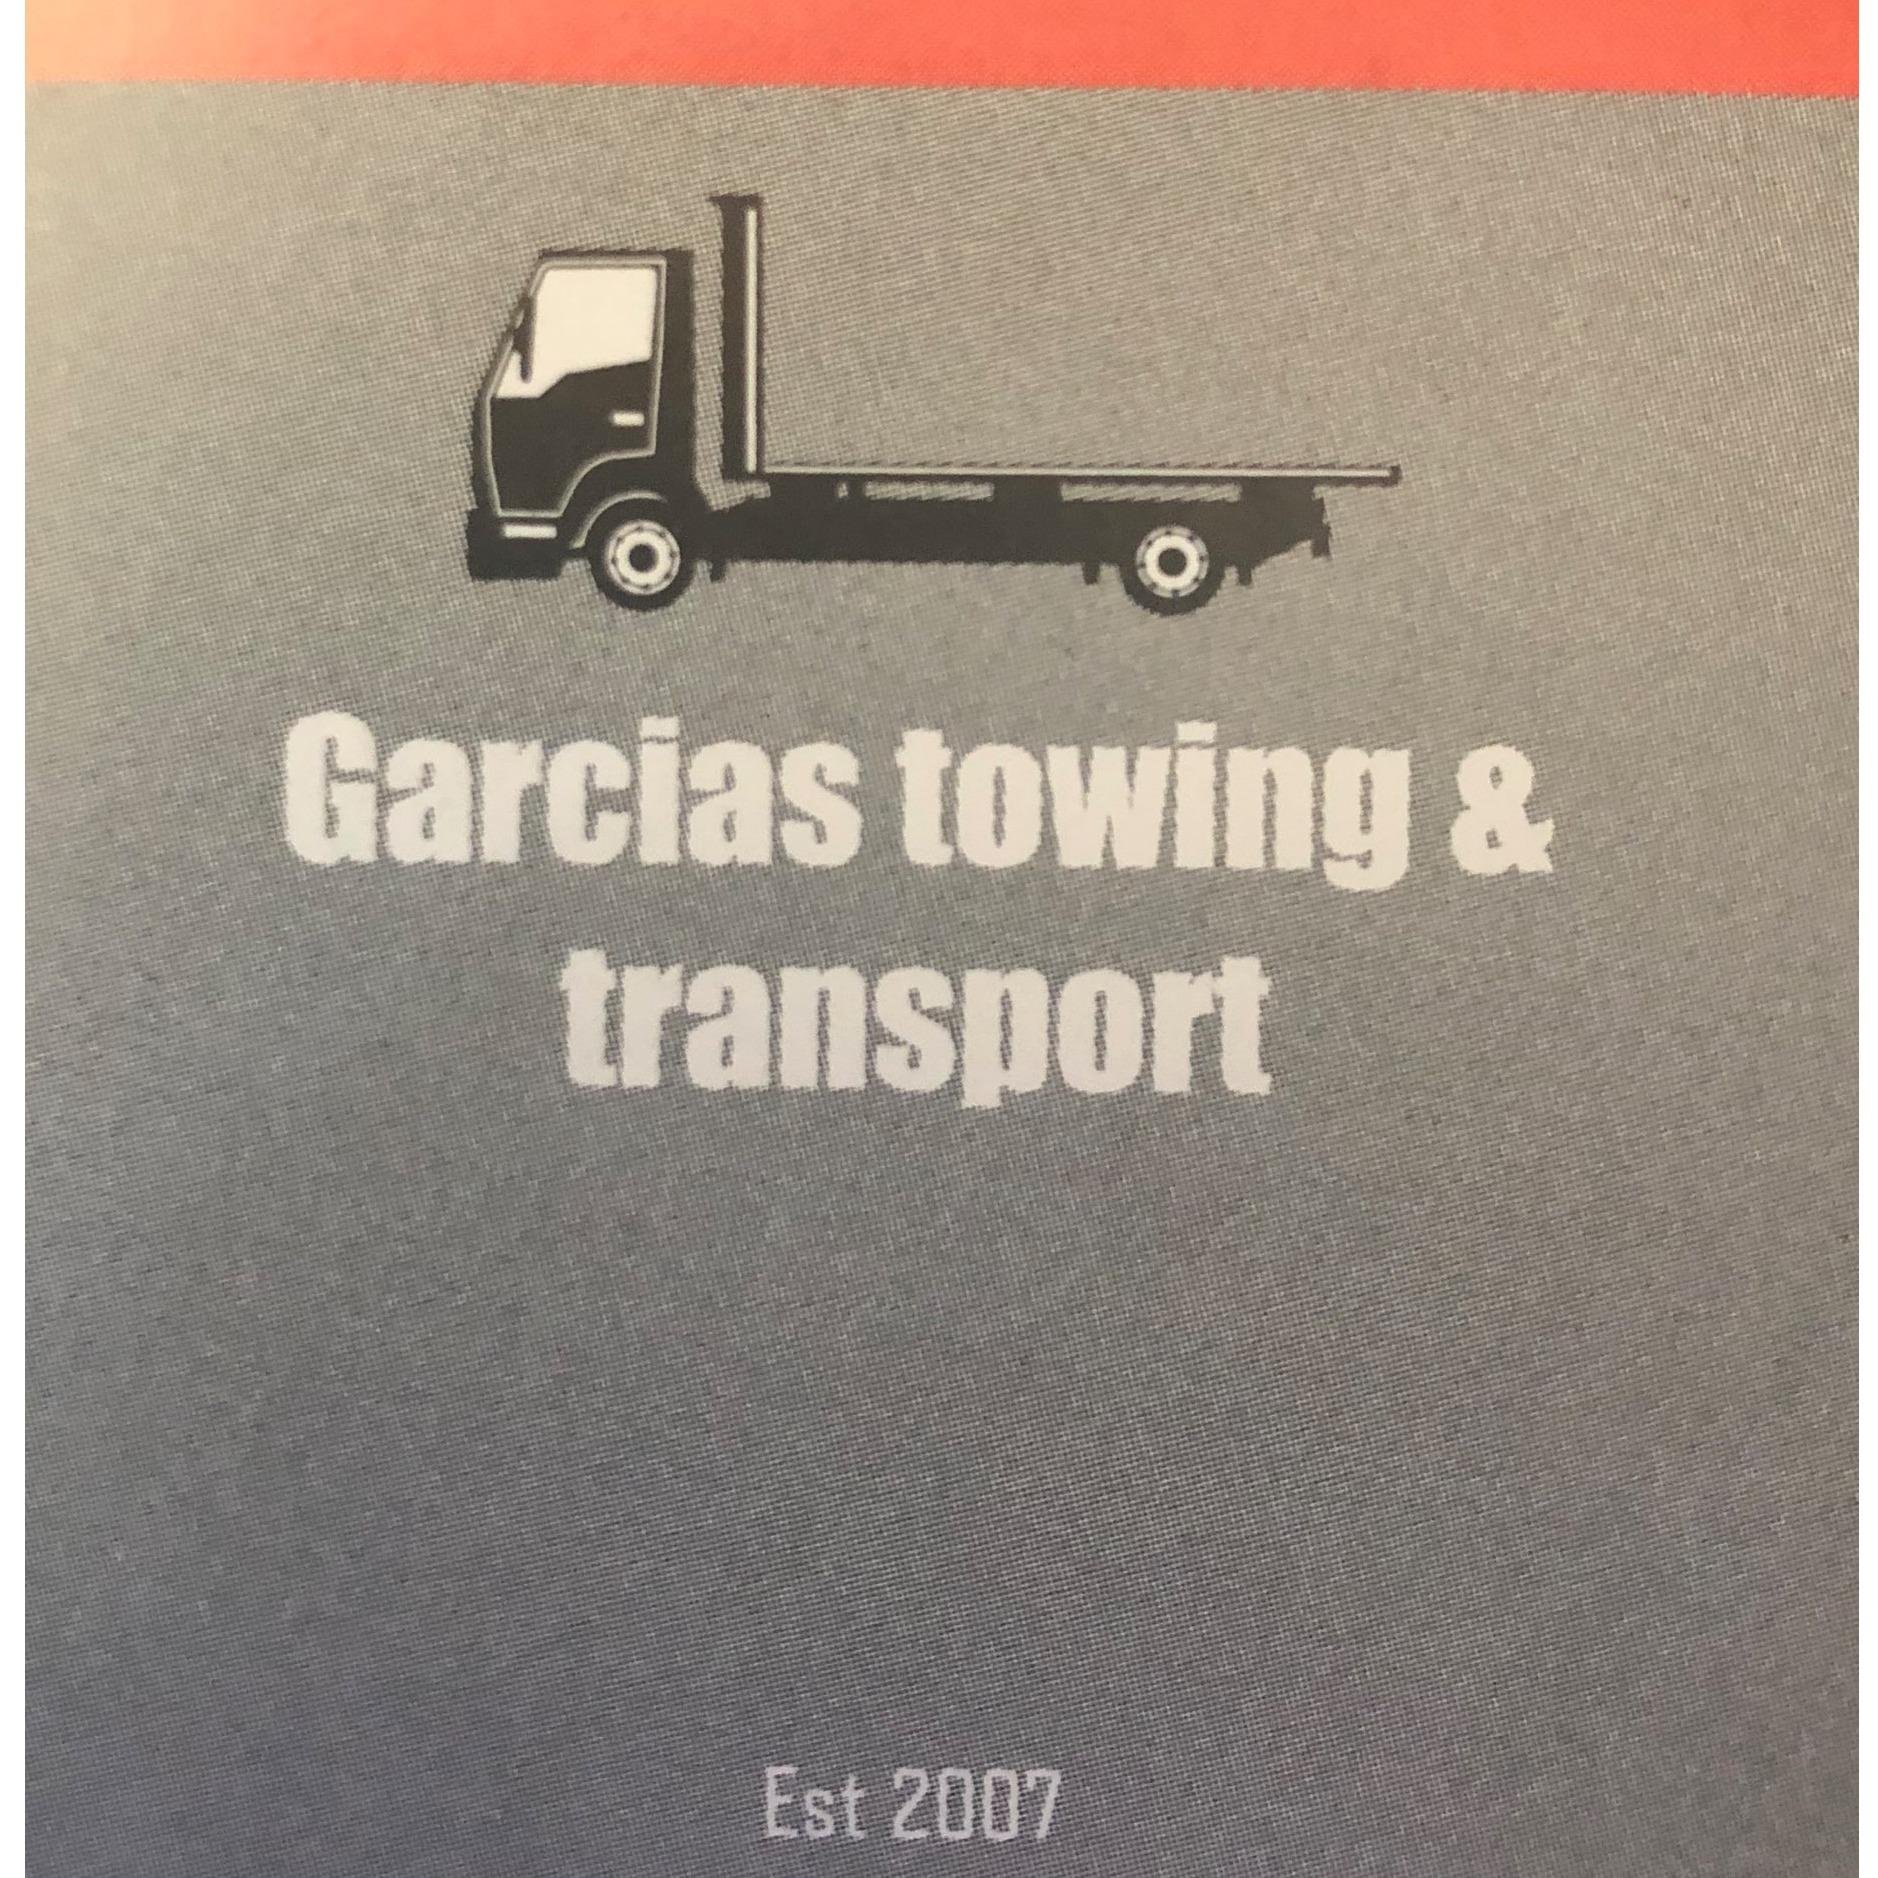 Garcia's Towing